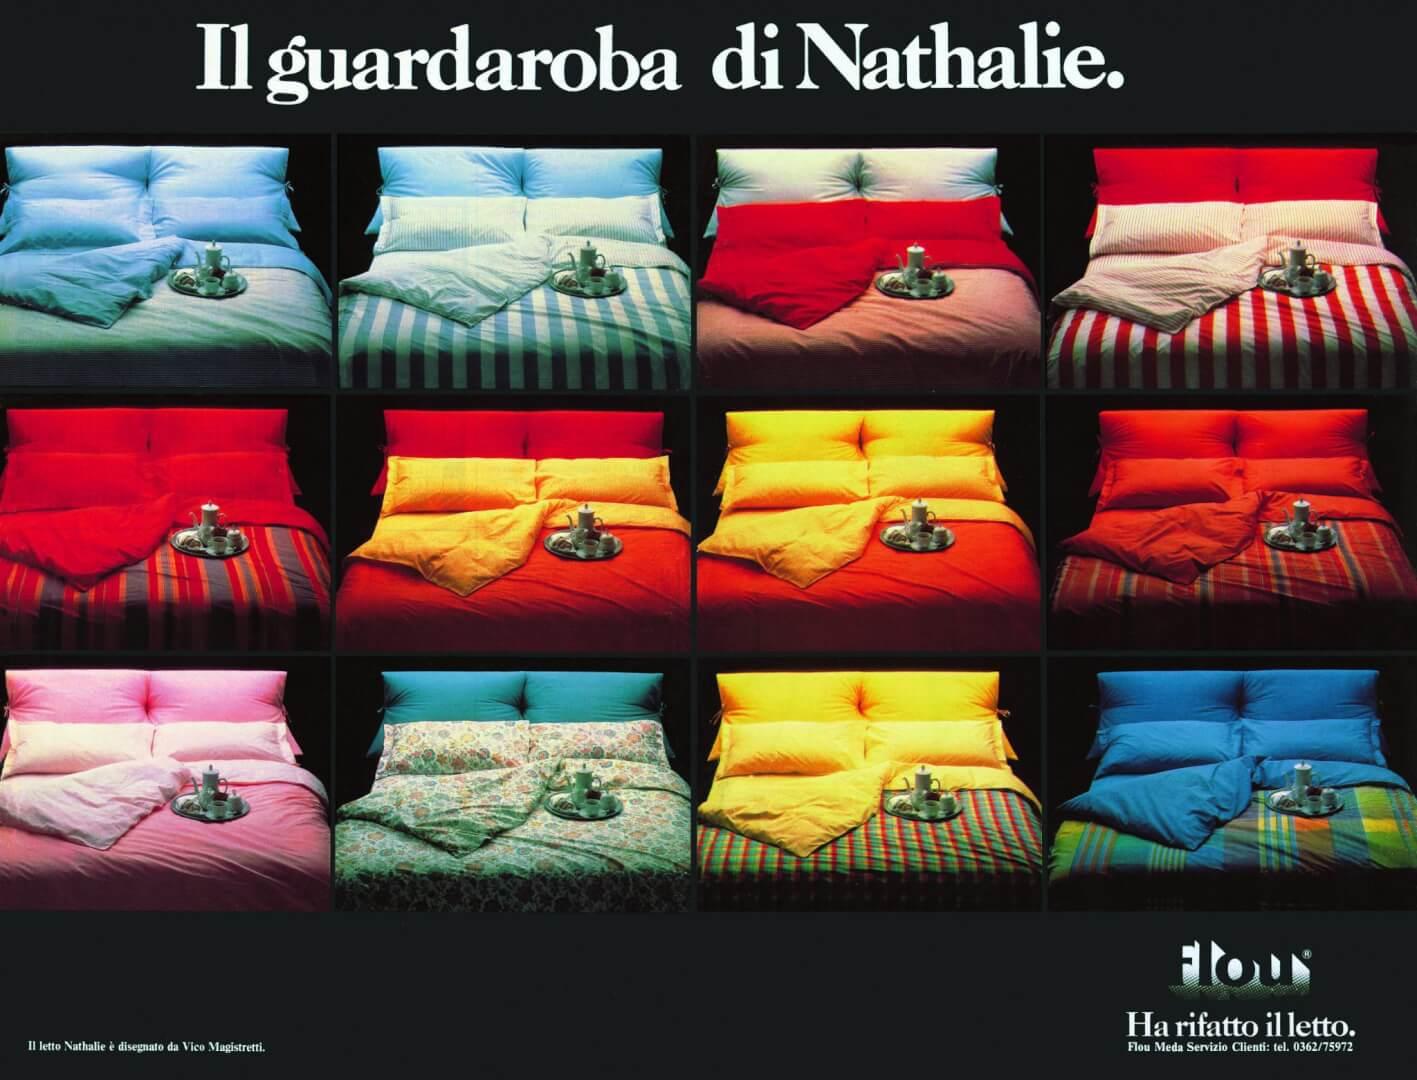 Copertina Campagna Nathalie - Devincenti negozio arredamento e design Verona